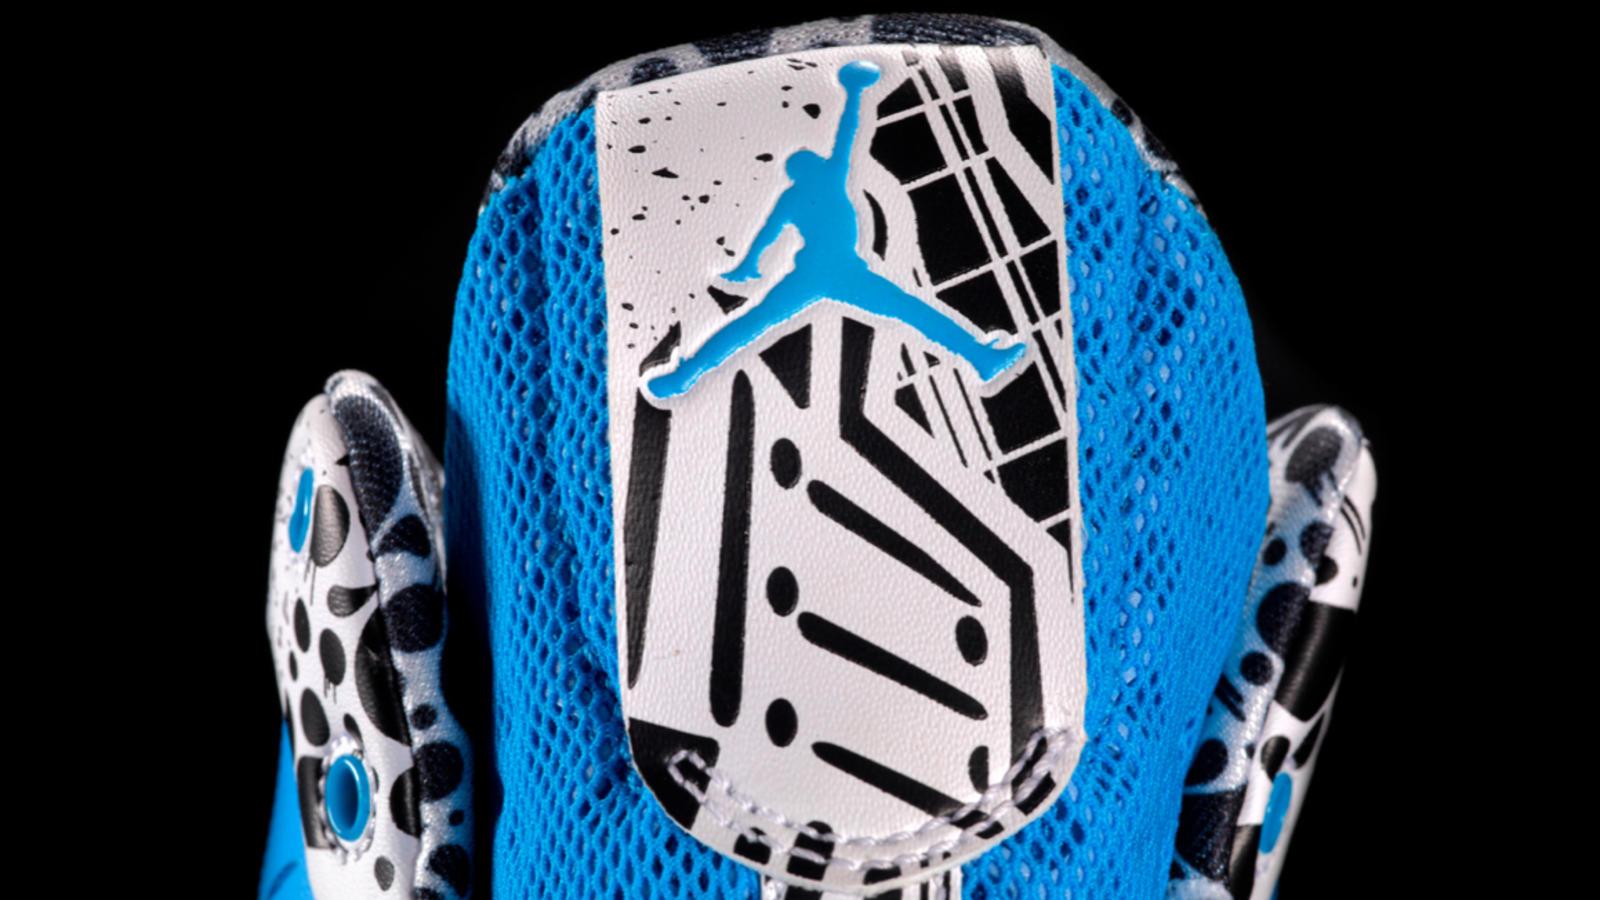 Jordan Brand Creates Unique Retro-Inspired Pack for Undertow